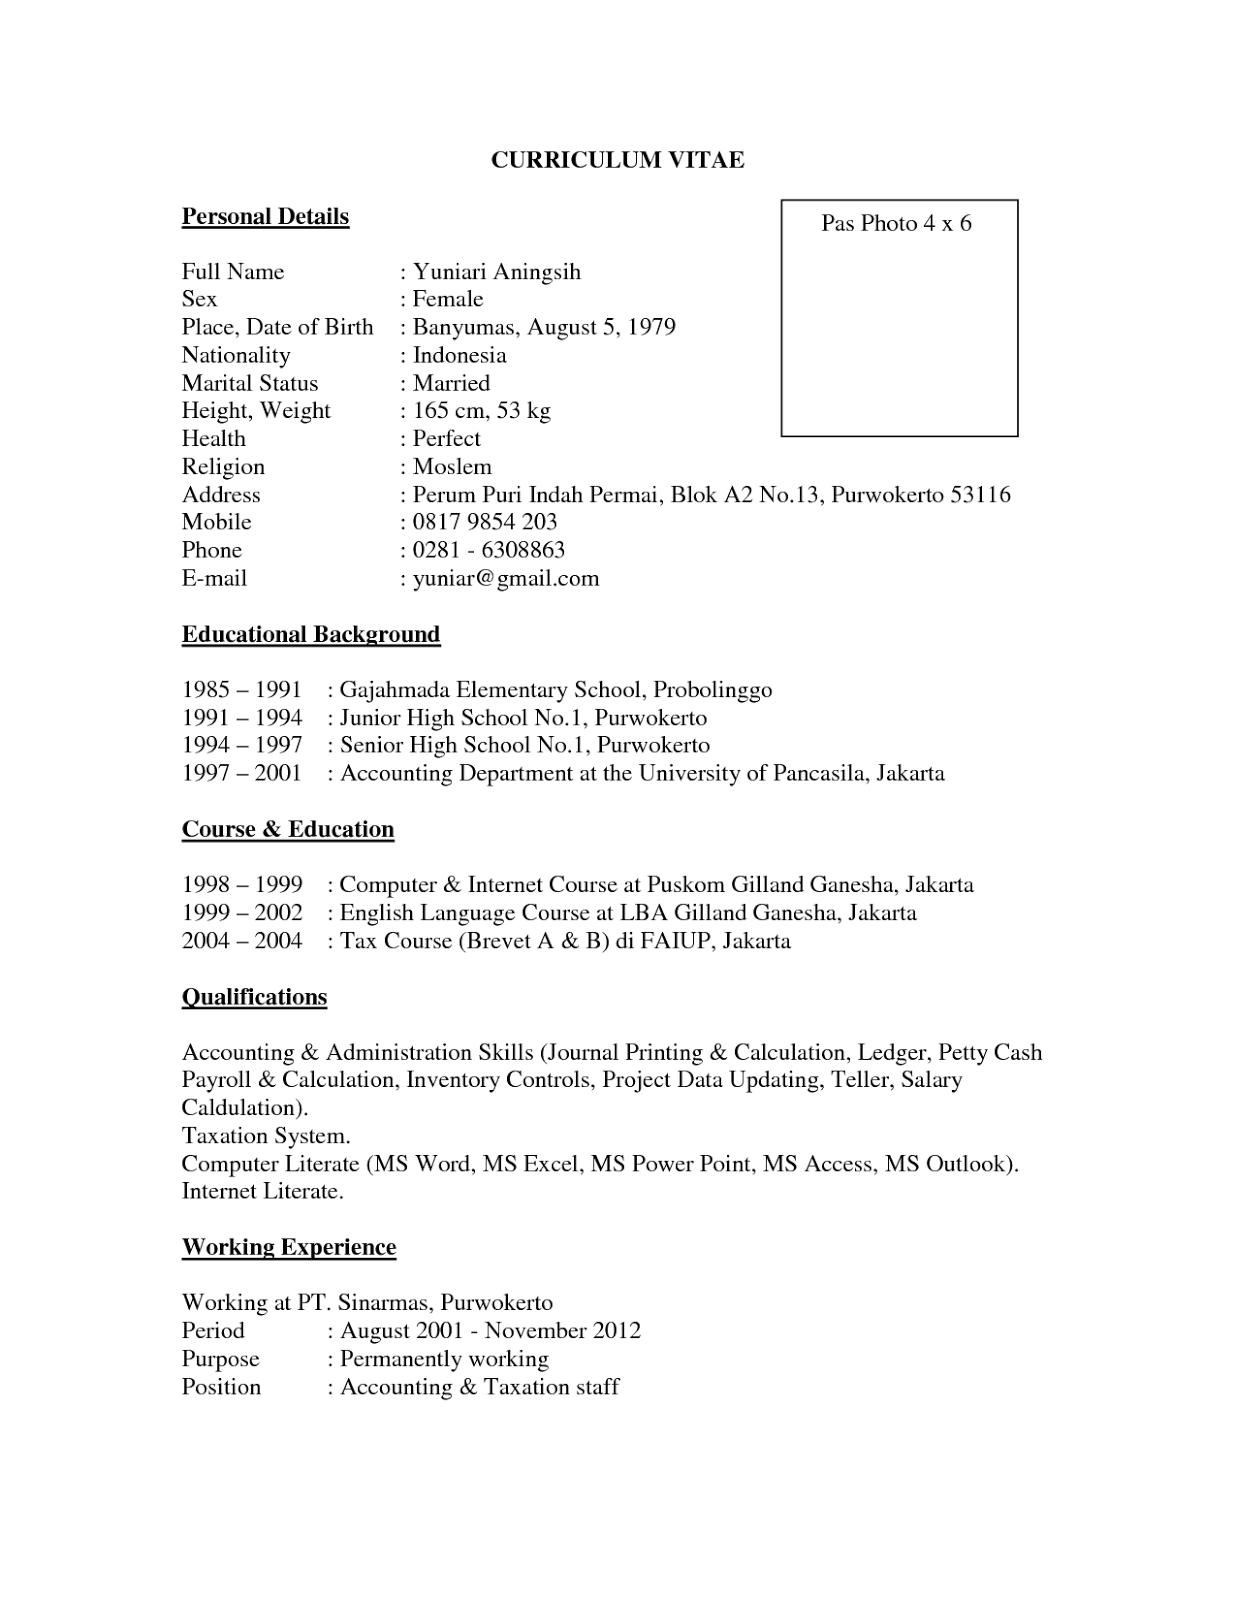 Contoh Curriculum Vitae Bahasa Inggris Dan Artinya Contoh Surat